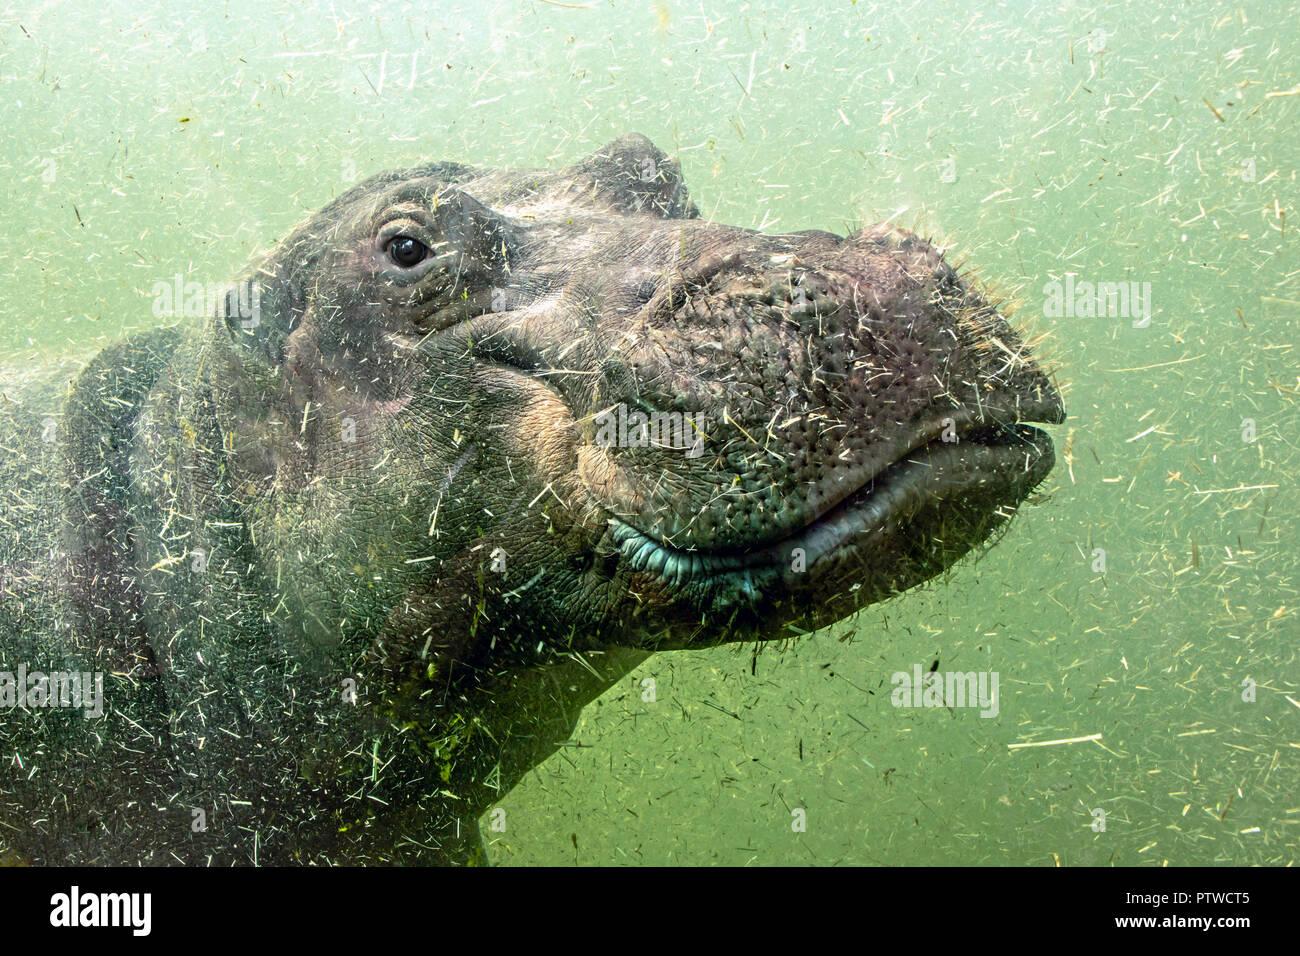 Un jeune hippo flotte sous l'eau. Hippopotame nage dans l'eau vert sale. Photo Stock